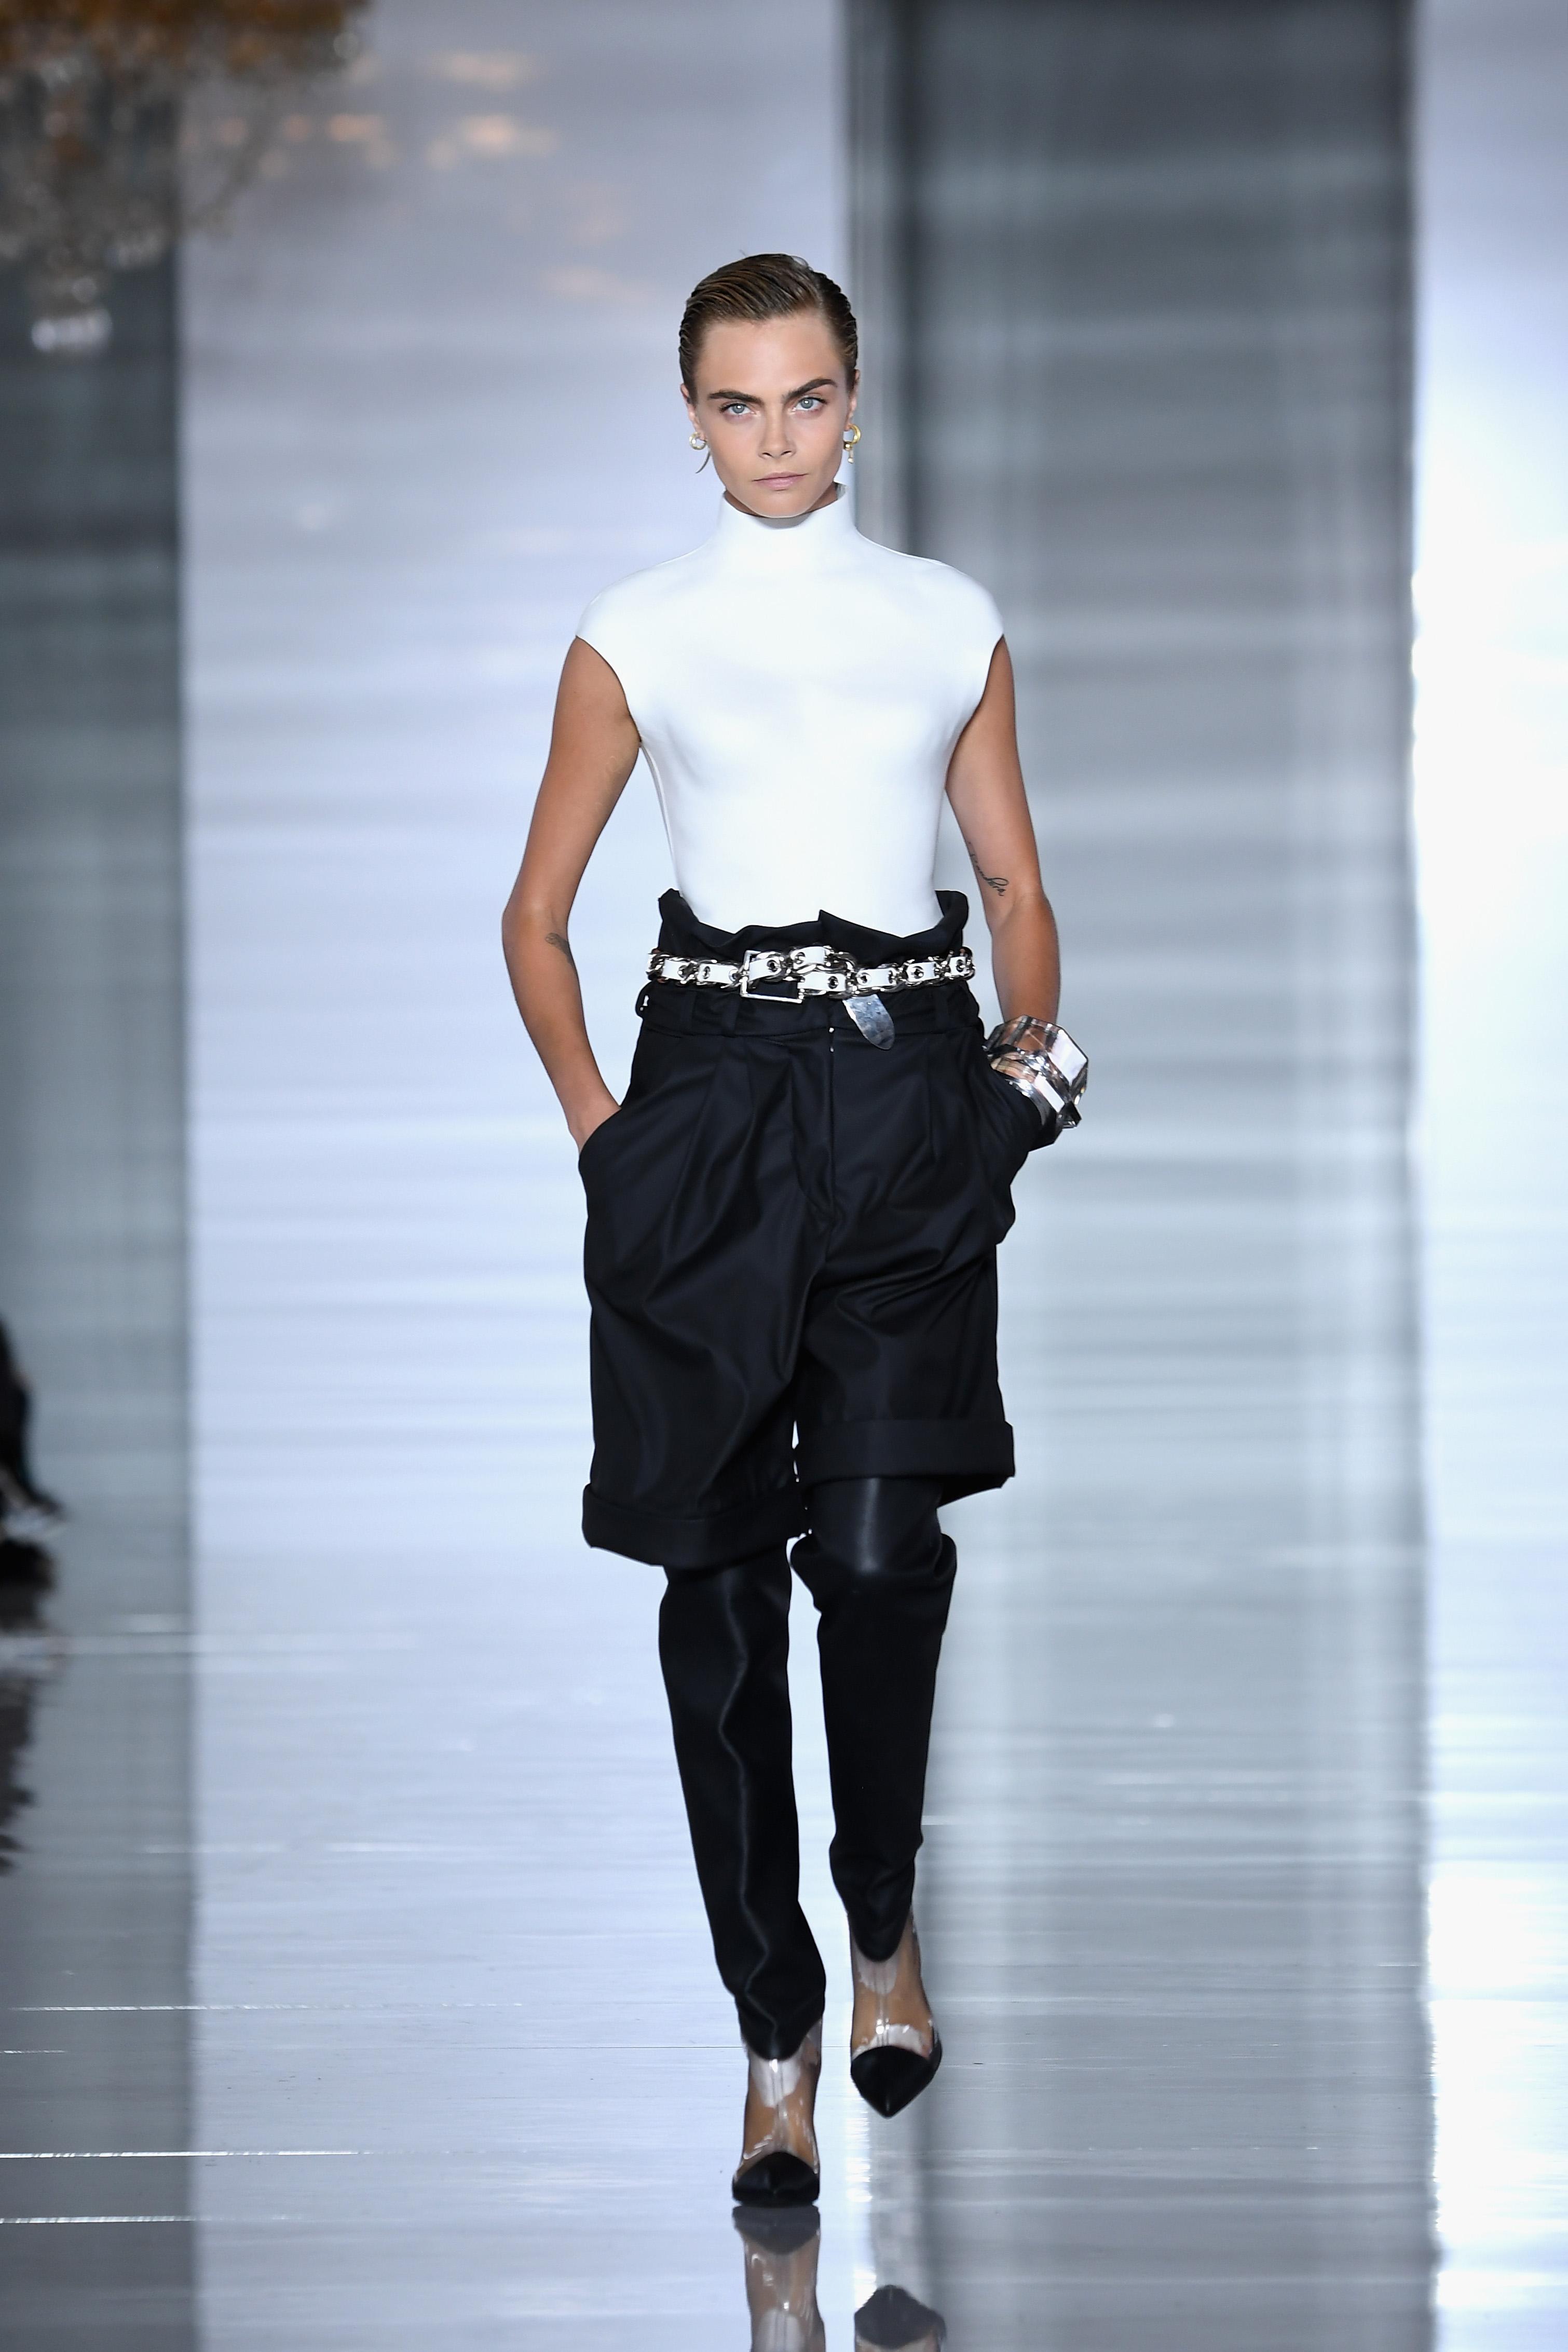 Cara Delevingne desfilando para a Balmain na Semana de Moda de Paris.